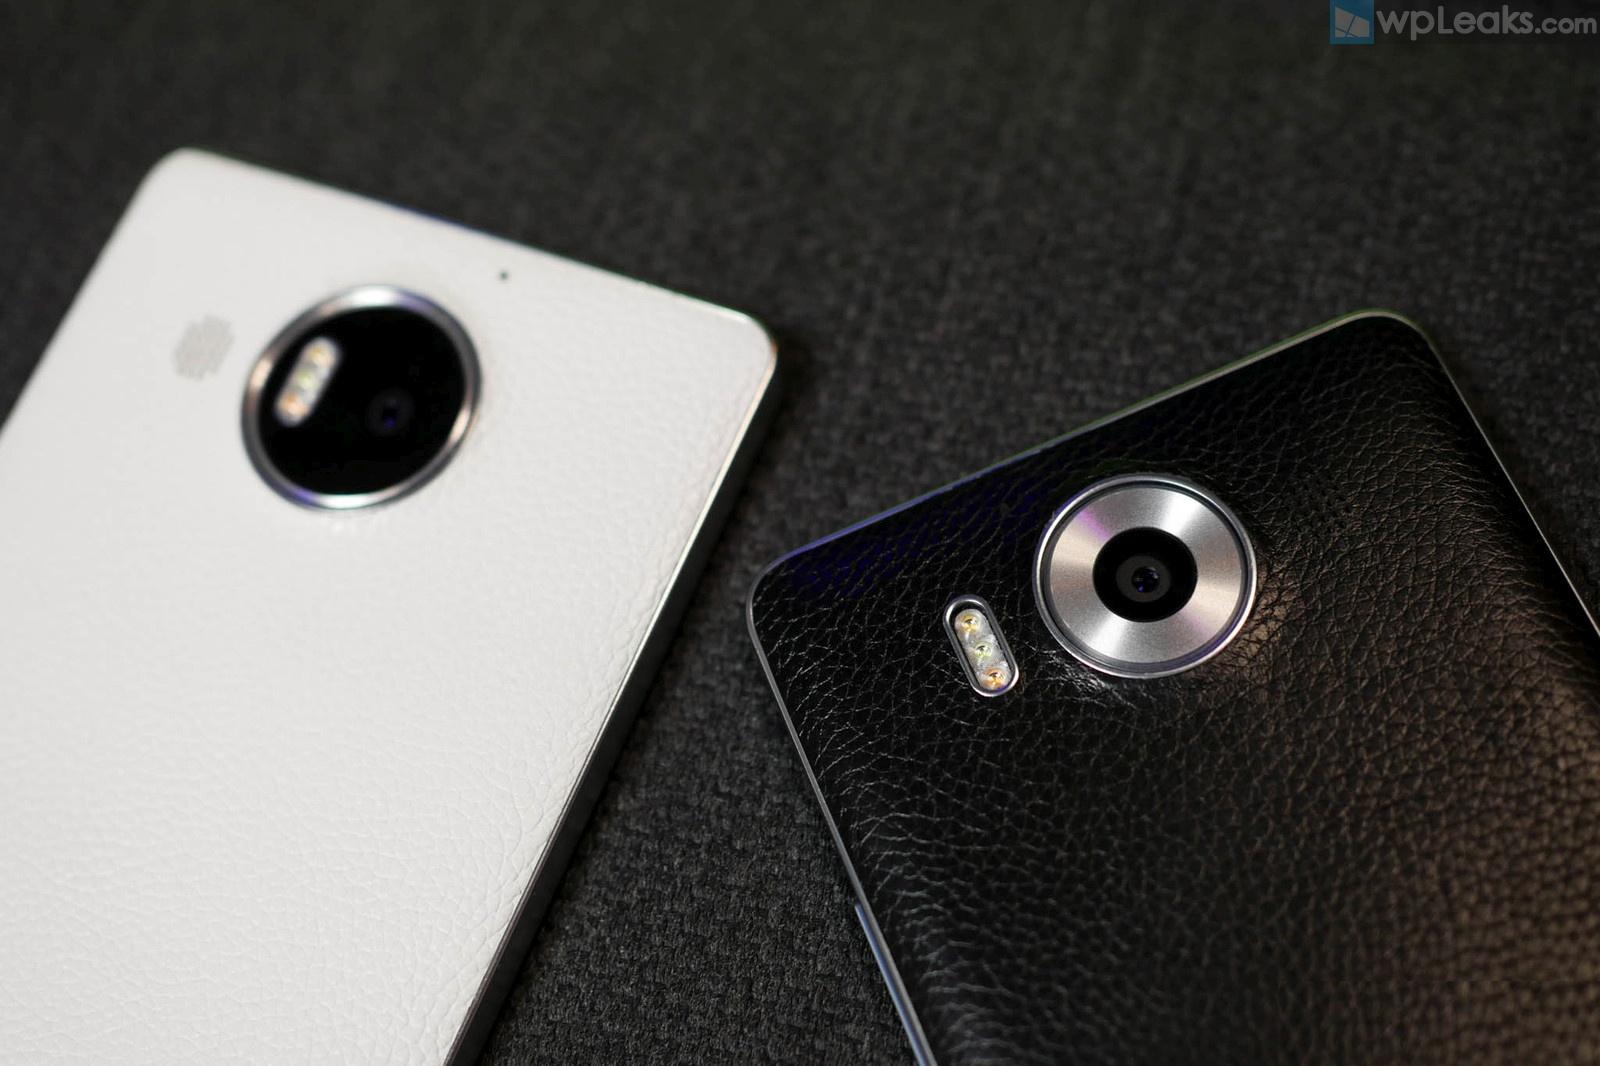 lumia-950-xl-lumia-950-back-mozo